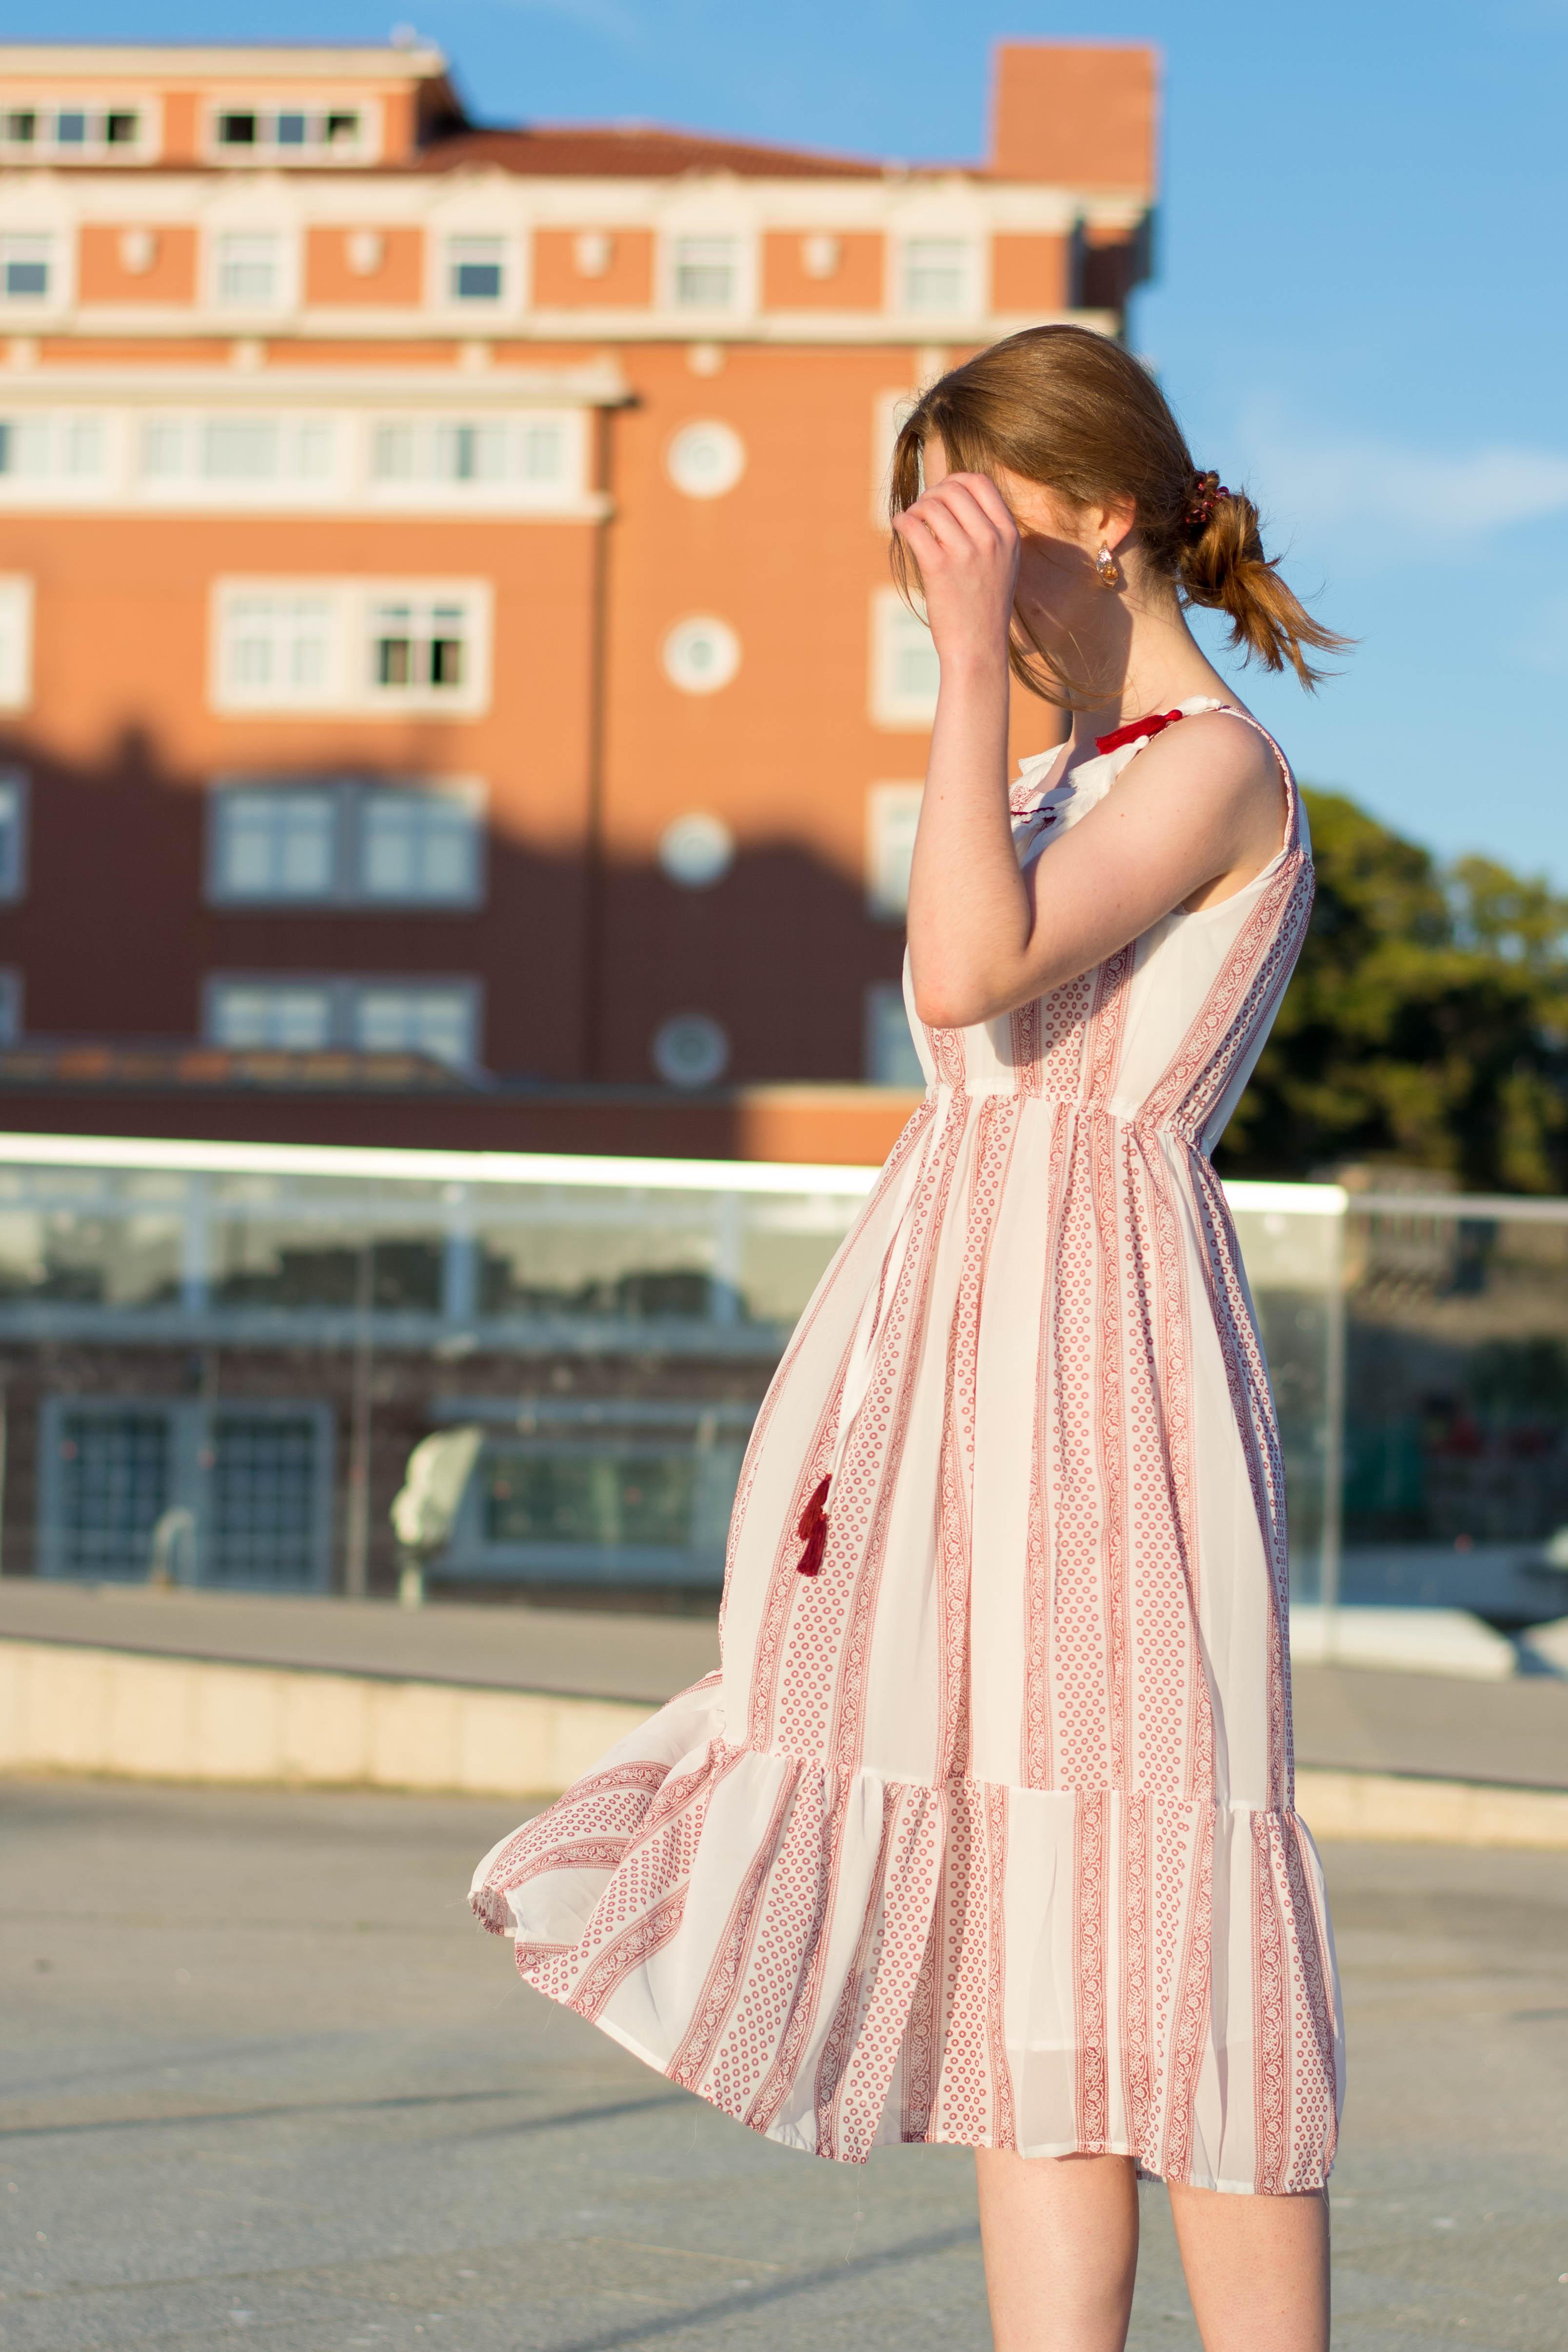 Bohemian summer dress: el vestido bohemio perfecto para el verano- martinalubian.com